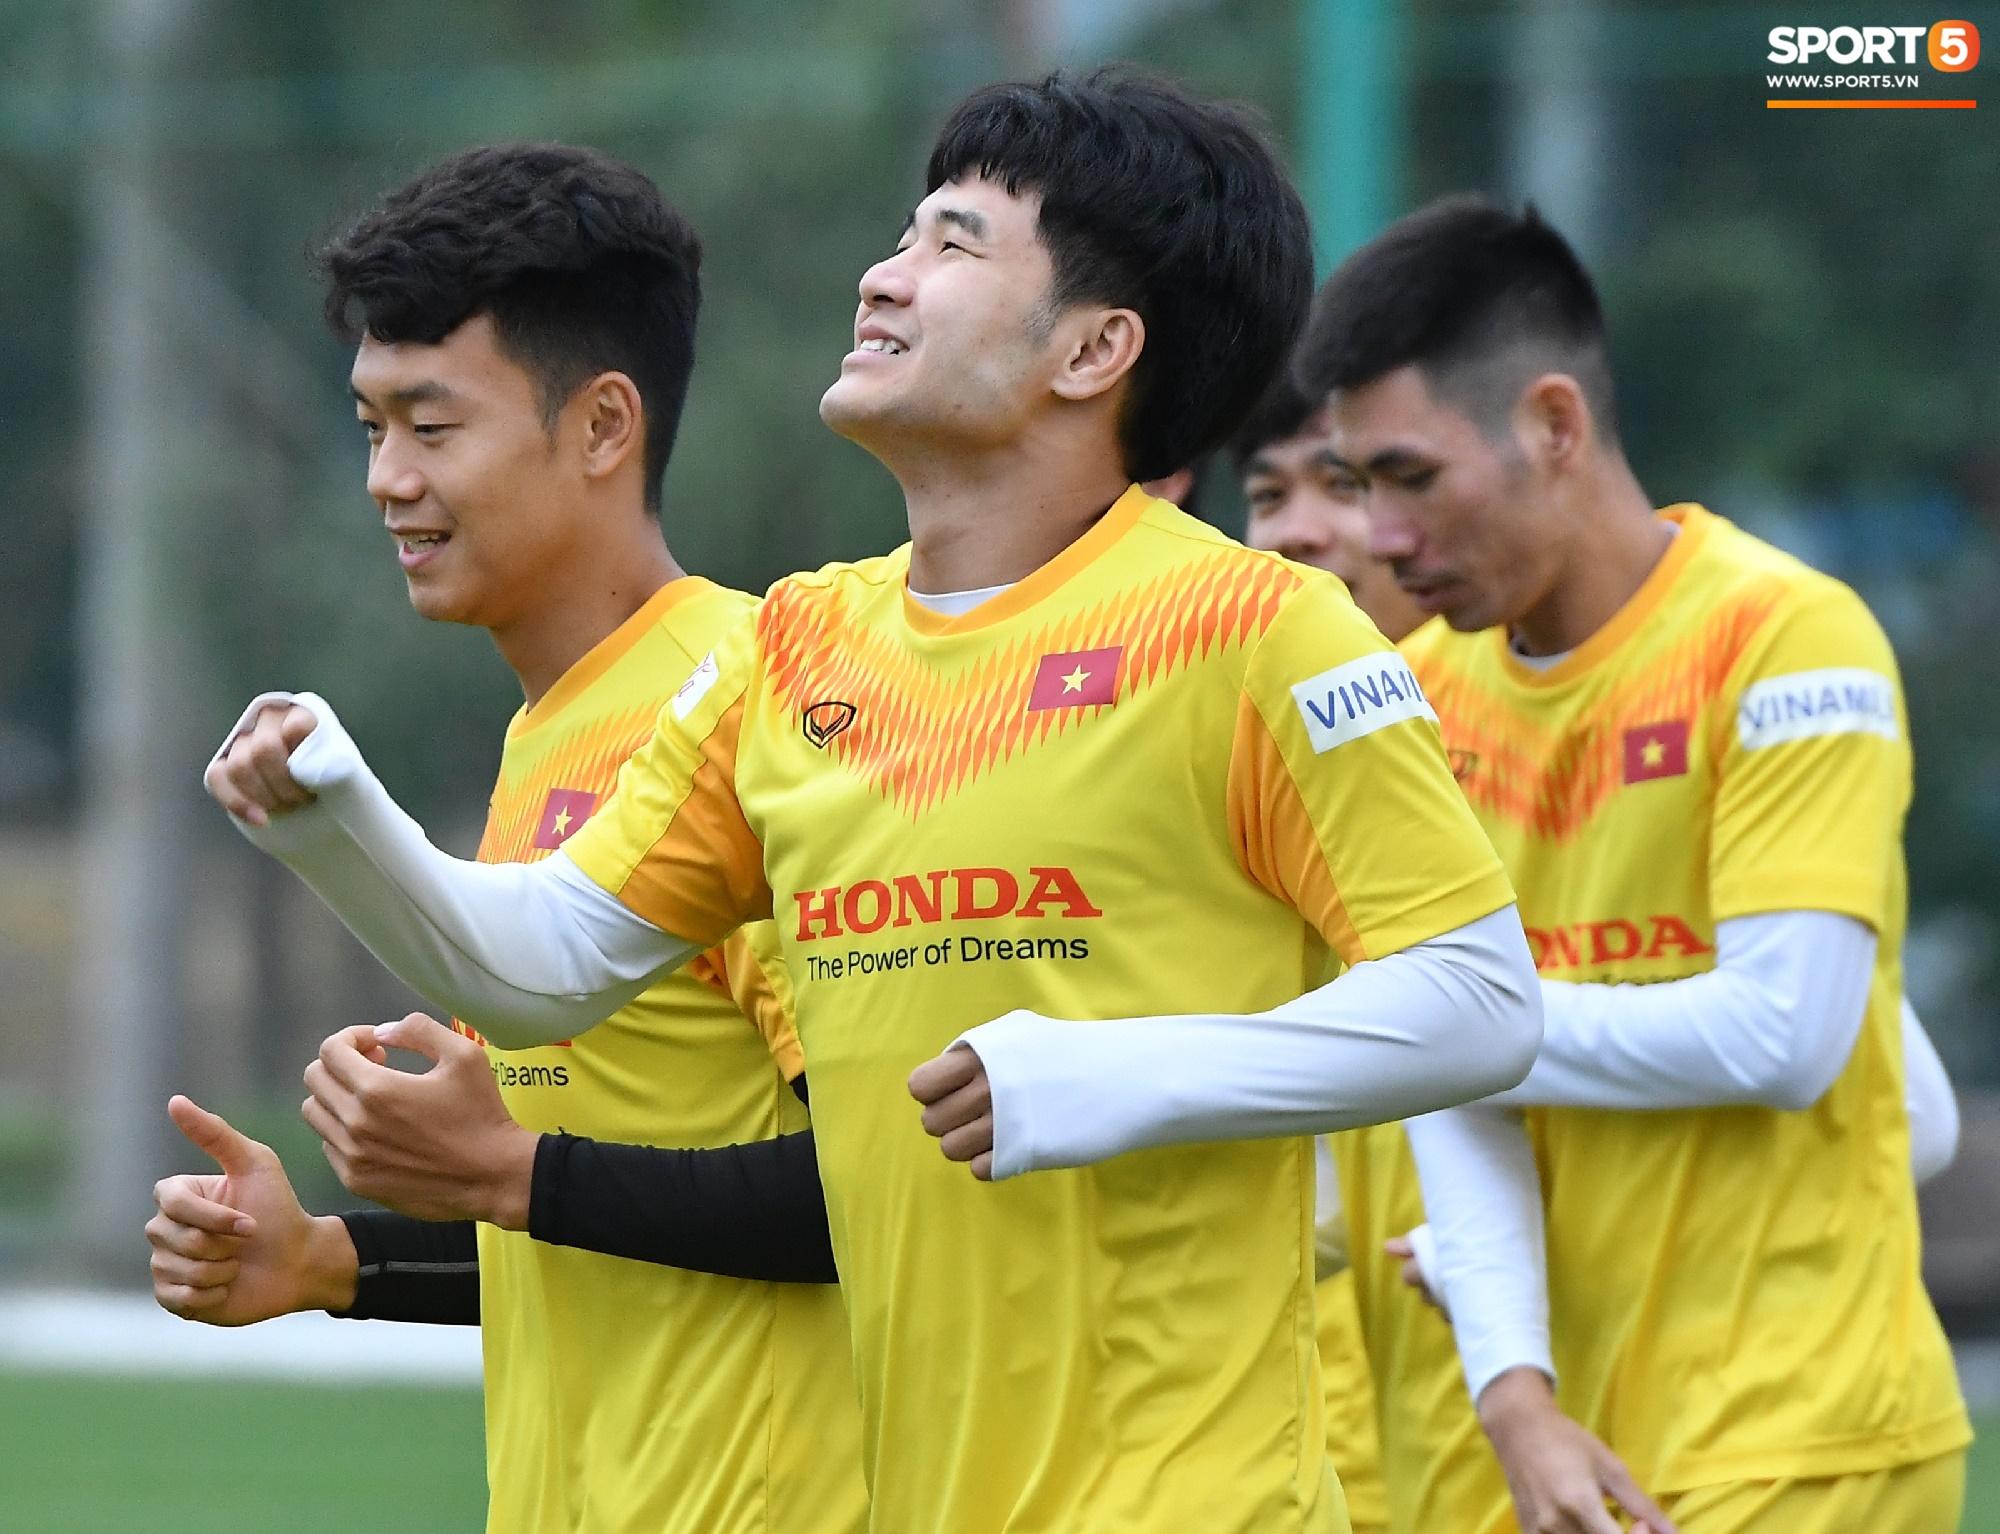 Hà Đức Chinh cà khịa Xuân Trường, làm trò vui khiến cả đội bật cười - Ảnh 6.